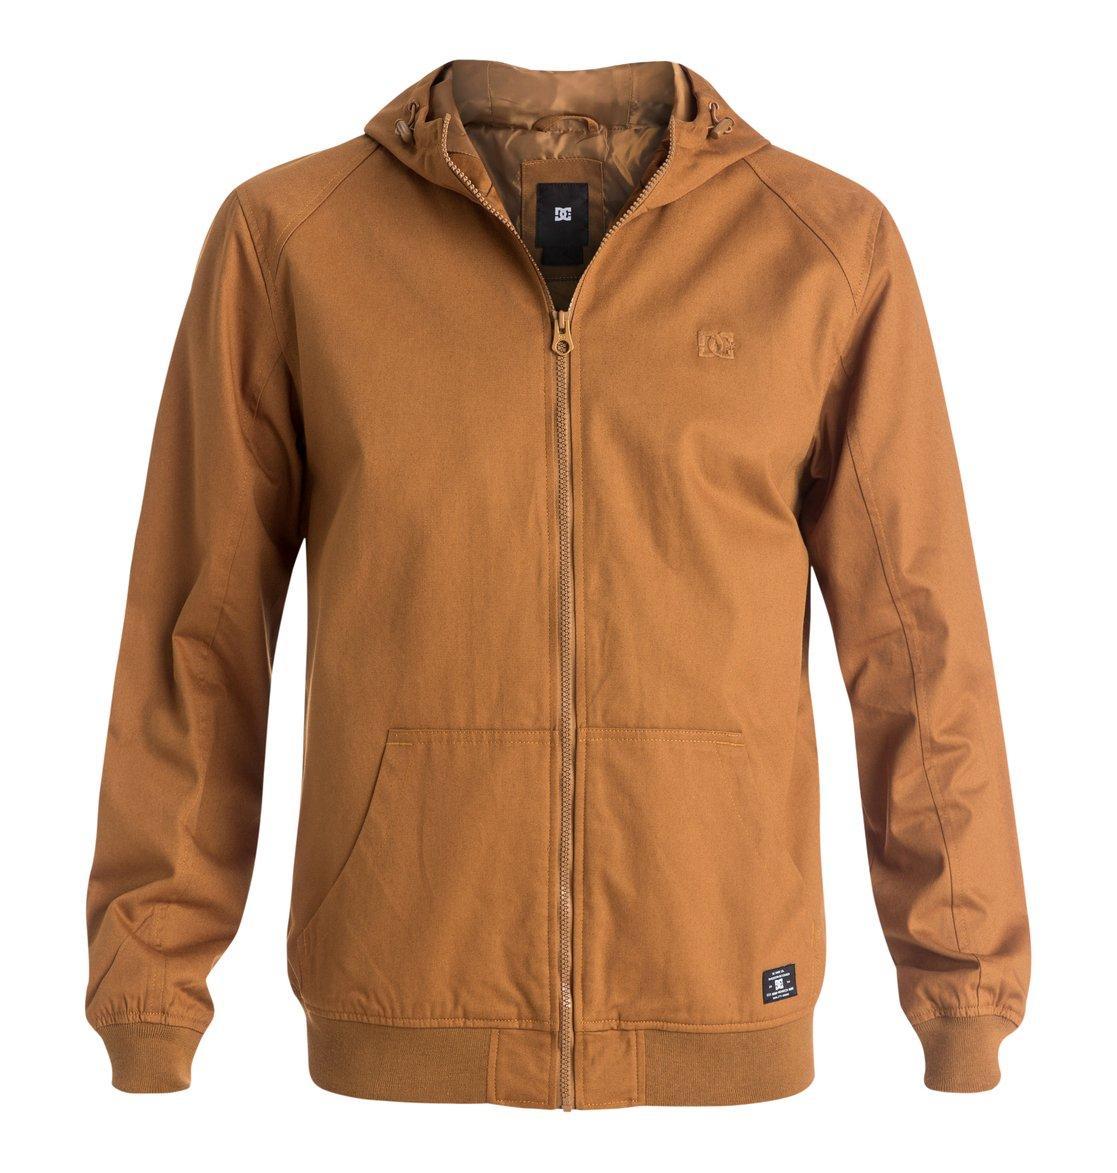 Dcshoes Мужская куртка Ellis Light Ellis Light Jacket